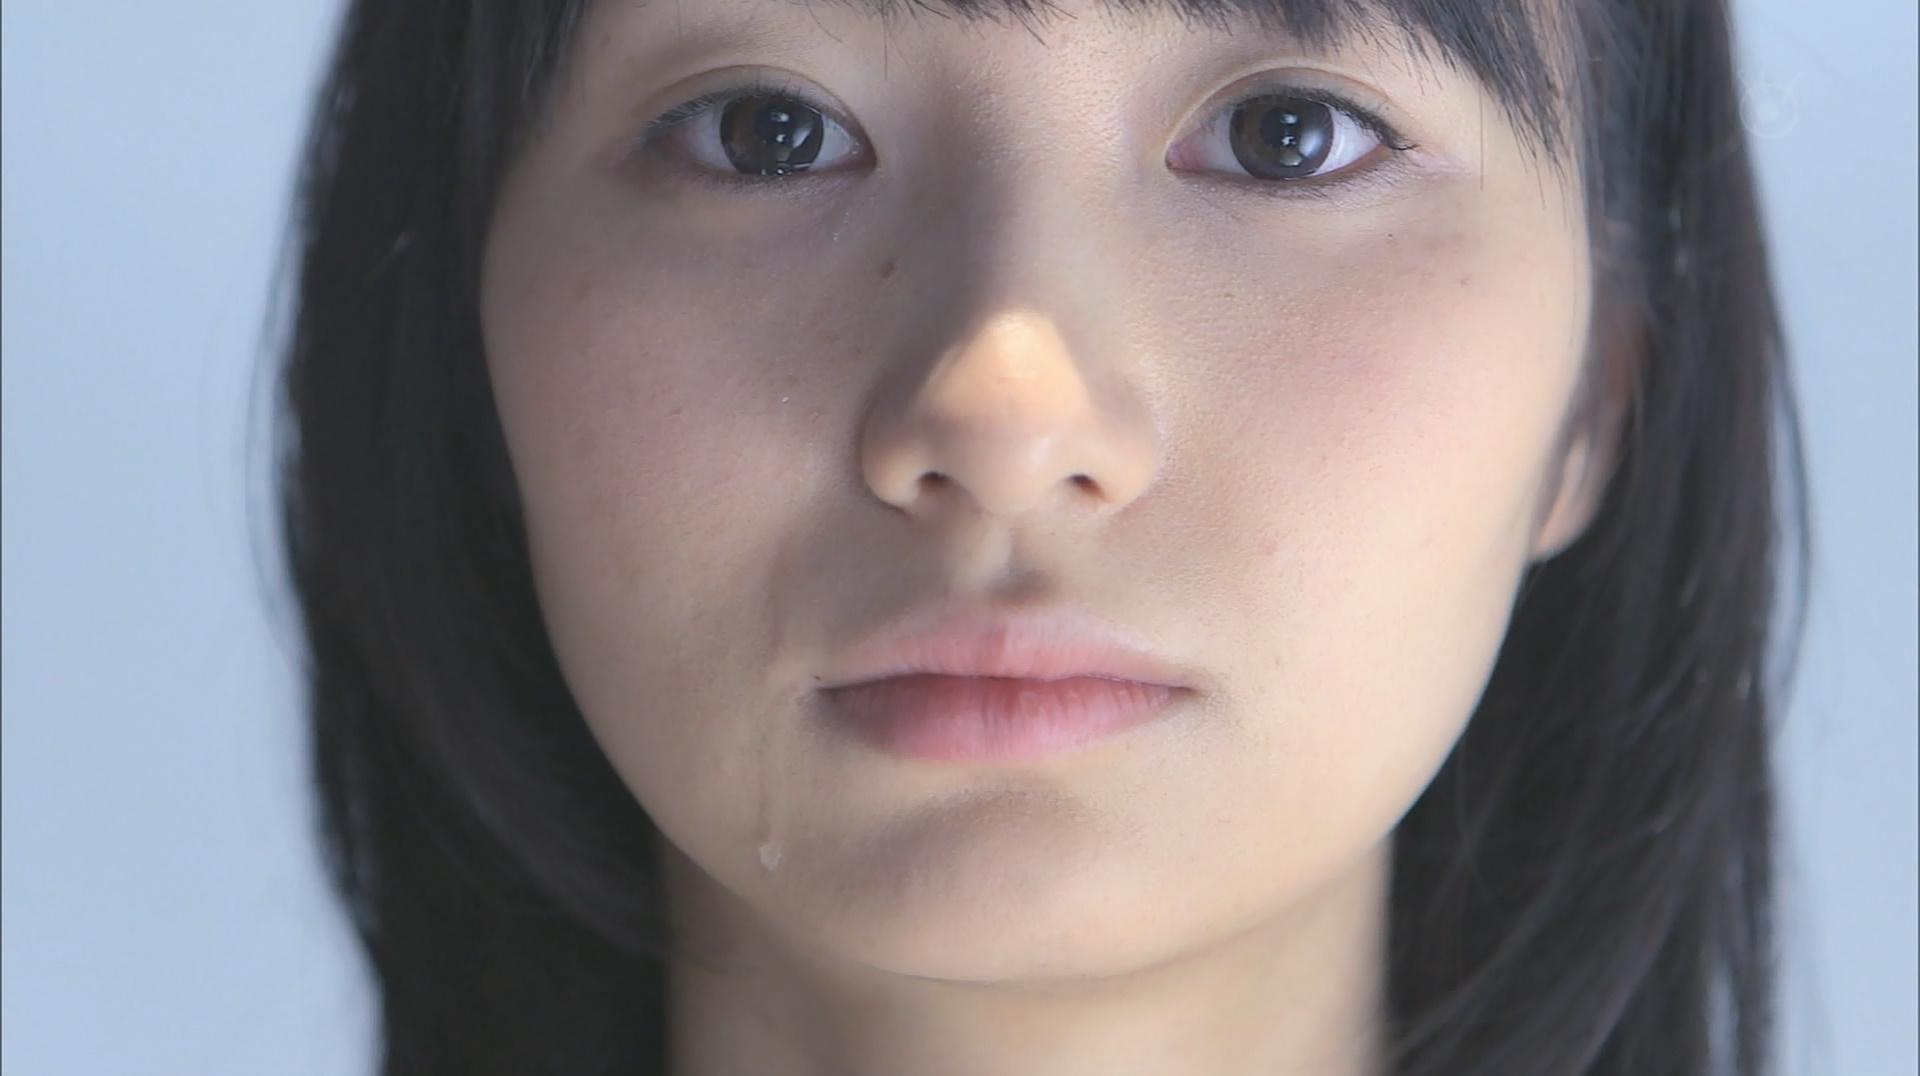 声優 戸松遥 セクシー 顔アップ 涙 唇 顔射用 エロかわいい画像15